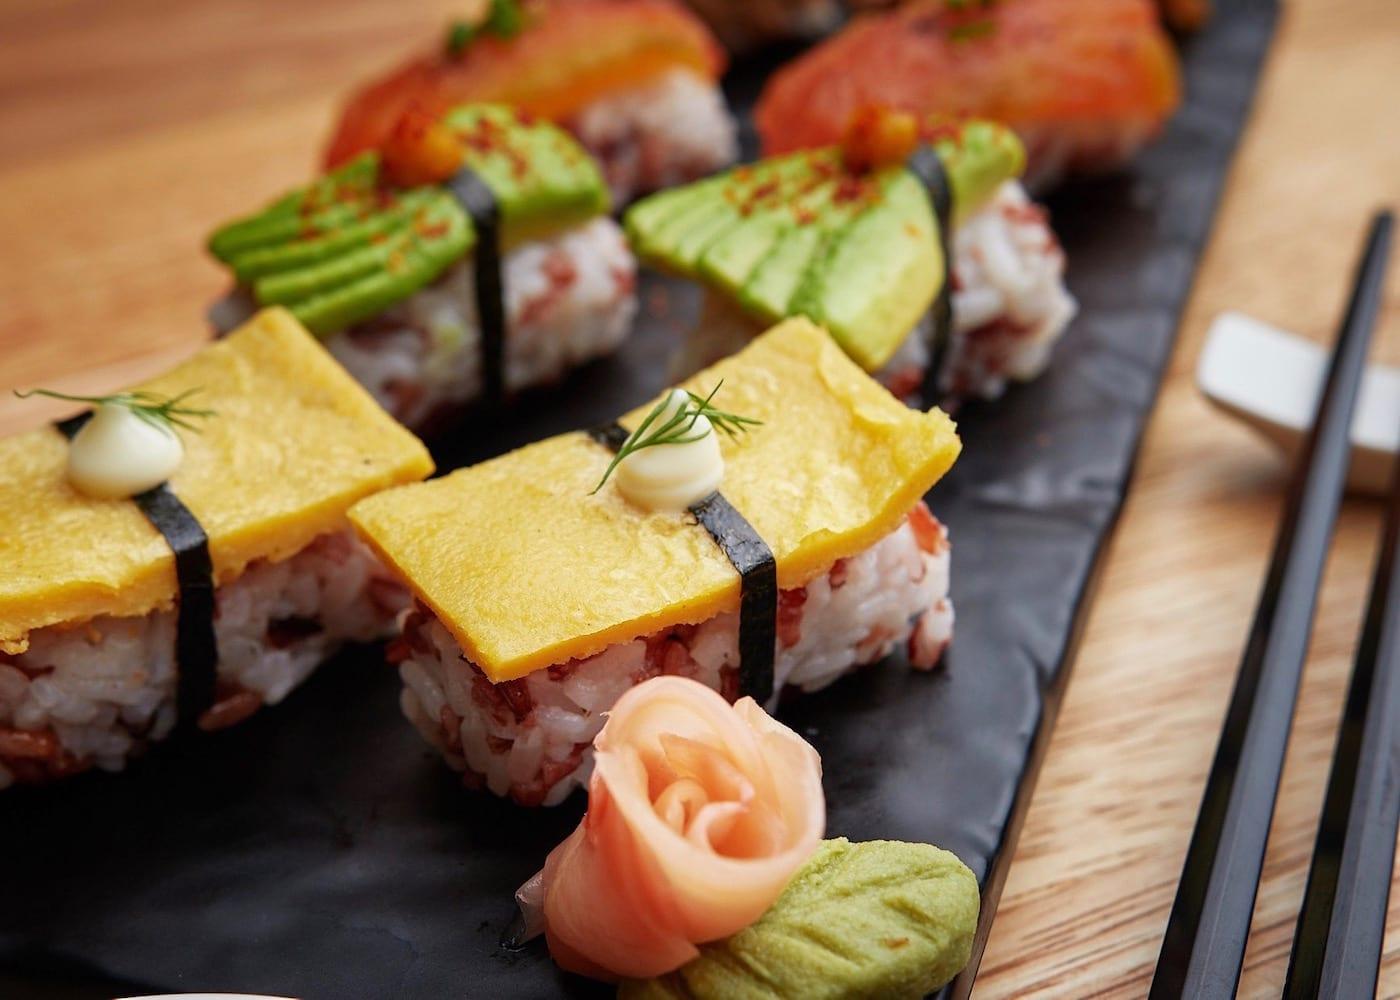 TYGR | The 50 best restaurants in Ubud